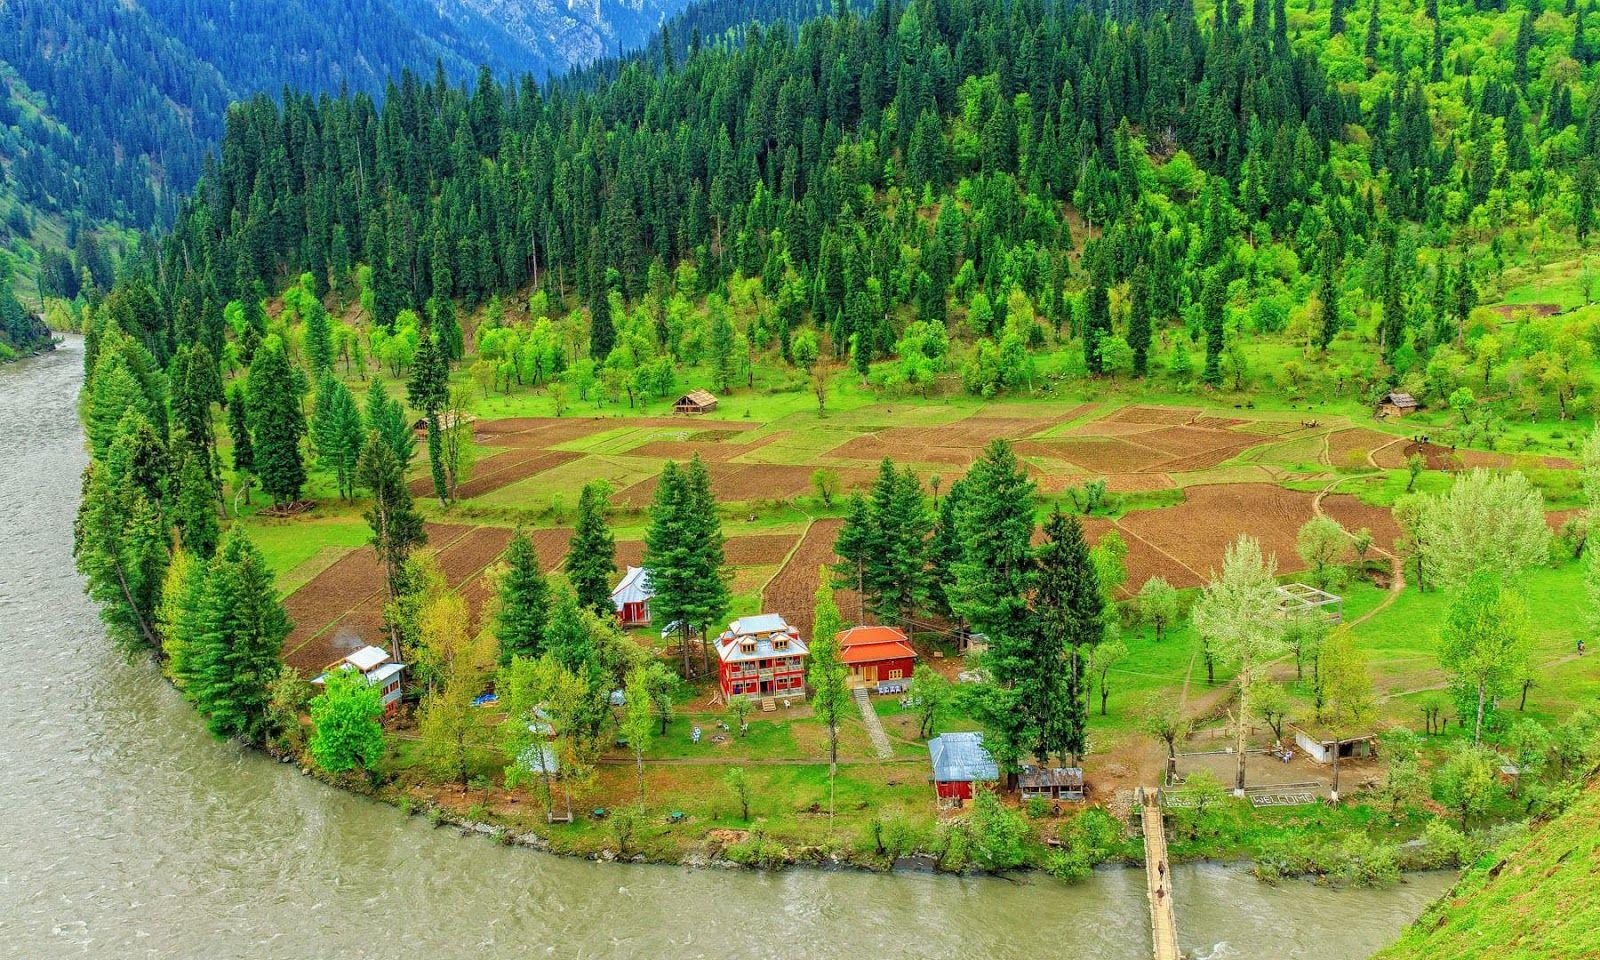 Natural beauty of kashmir hd wallpaper from gallsource com